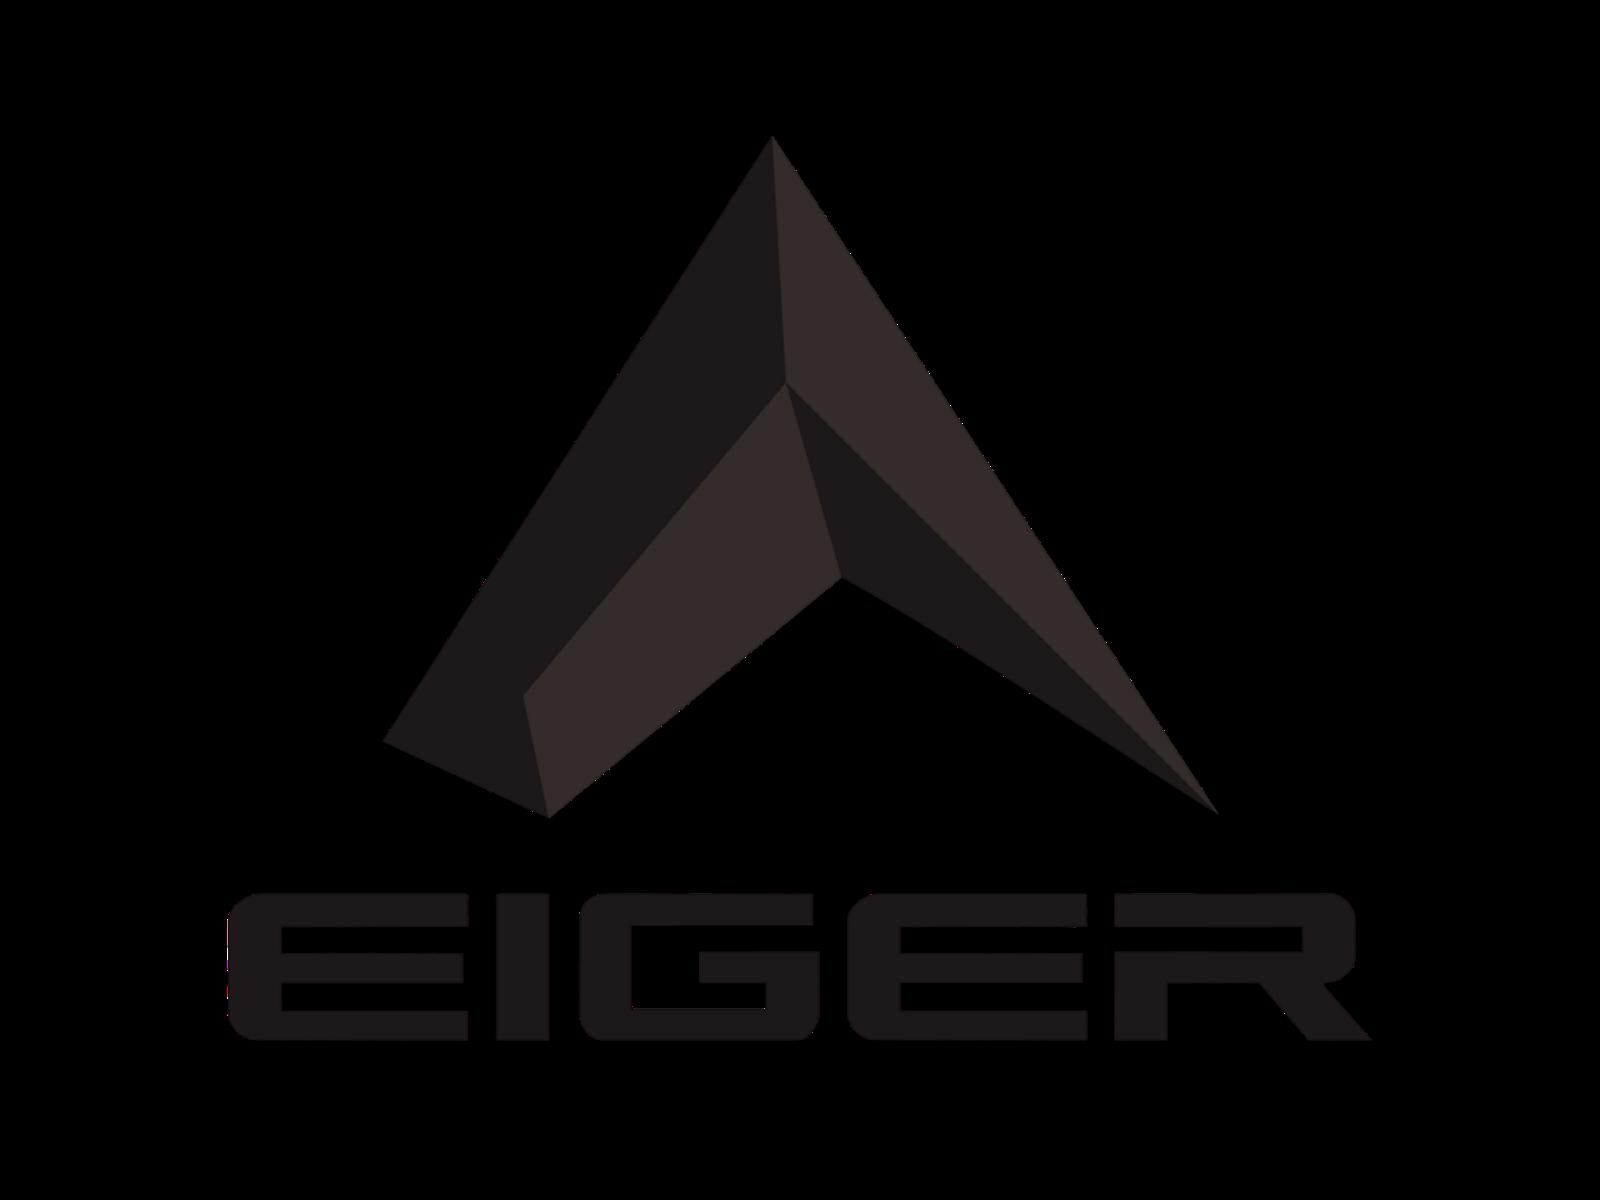 Logo Eiger Format PNG